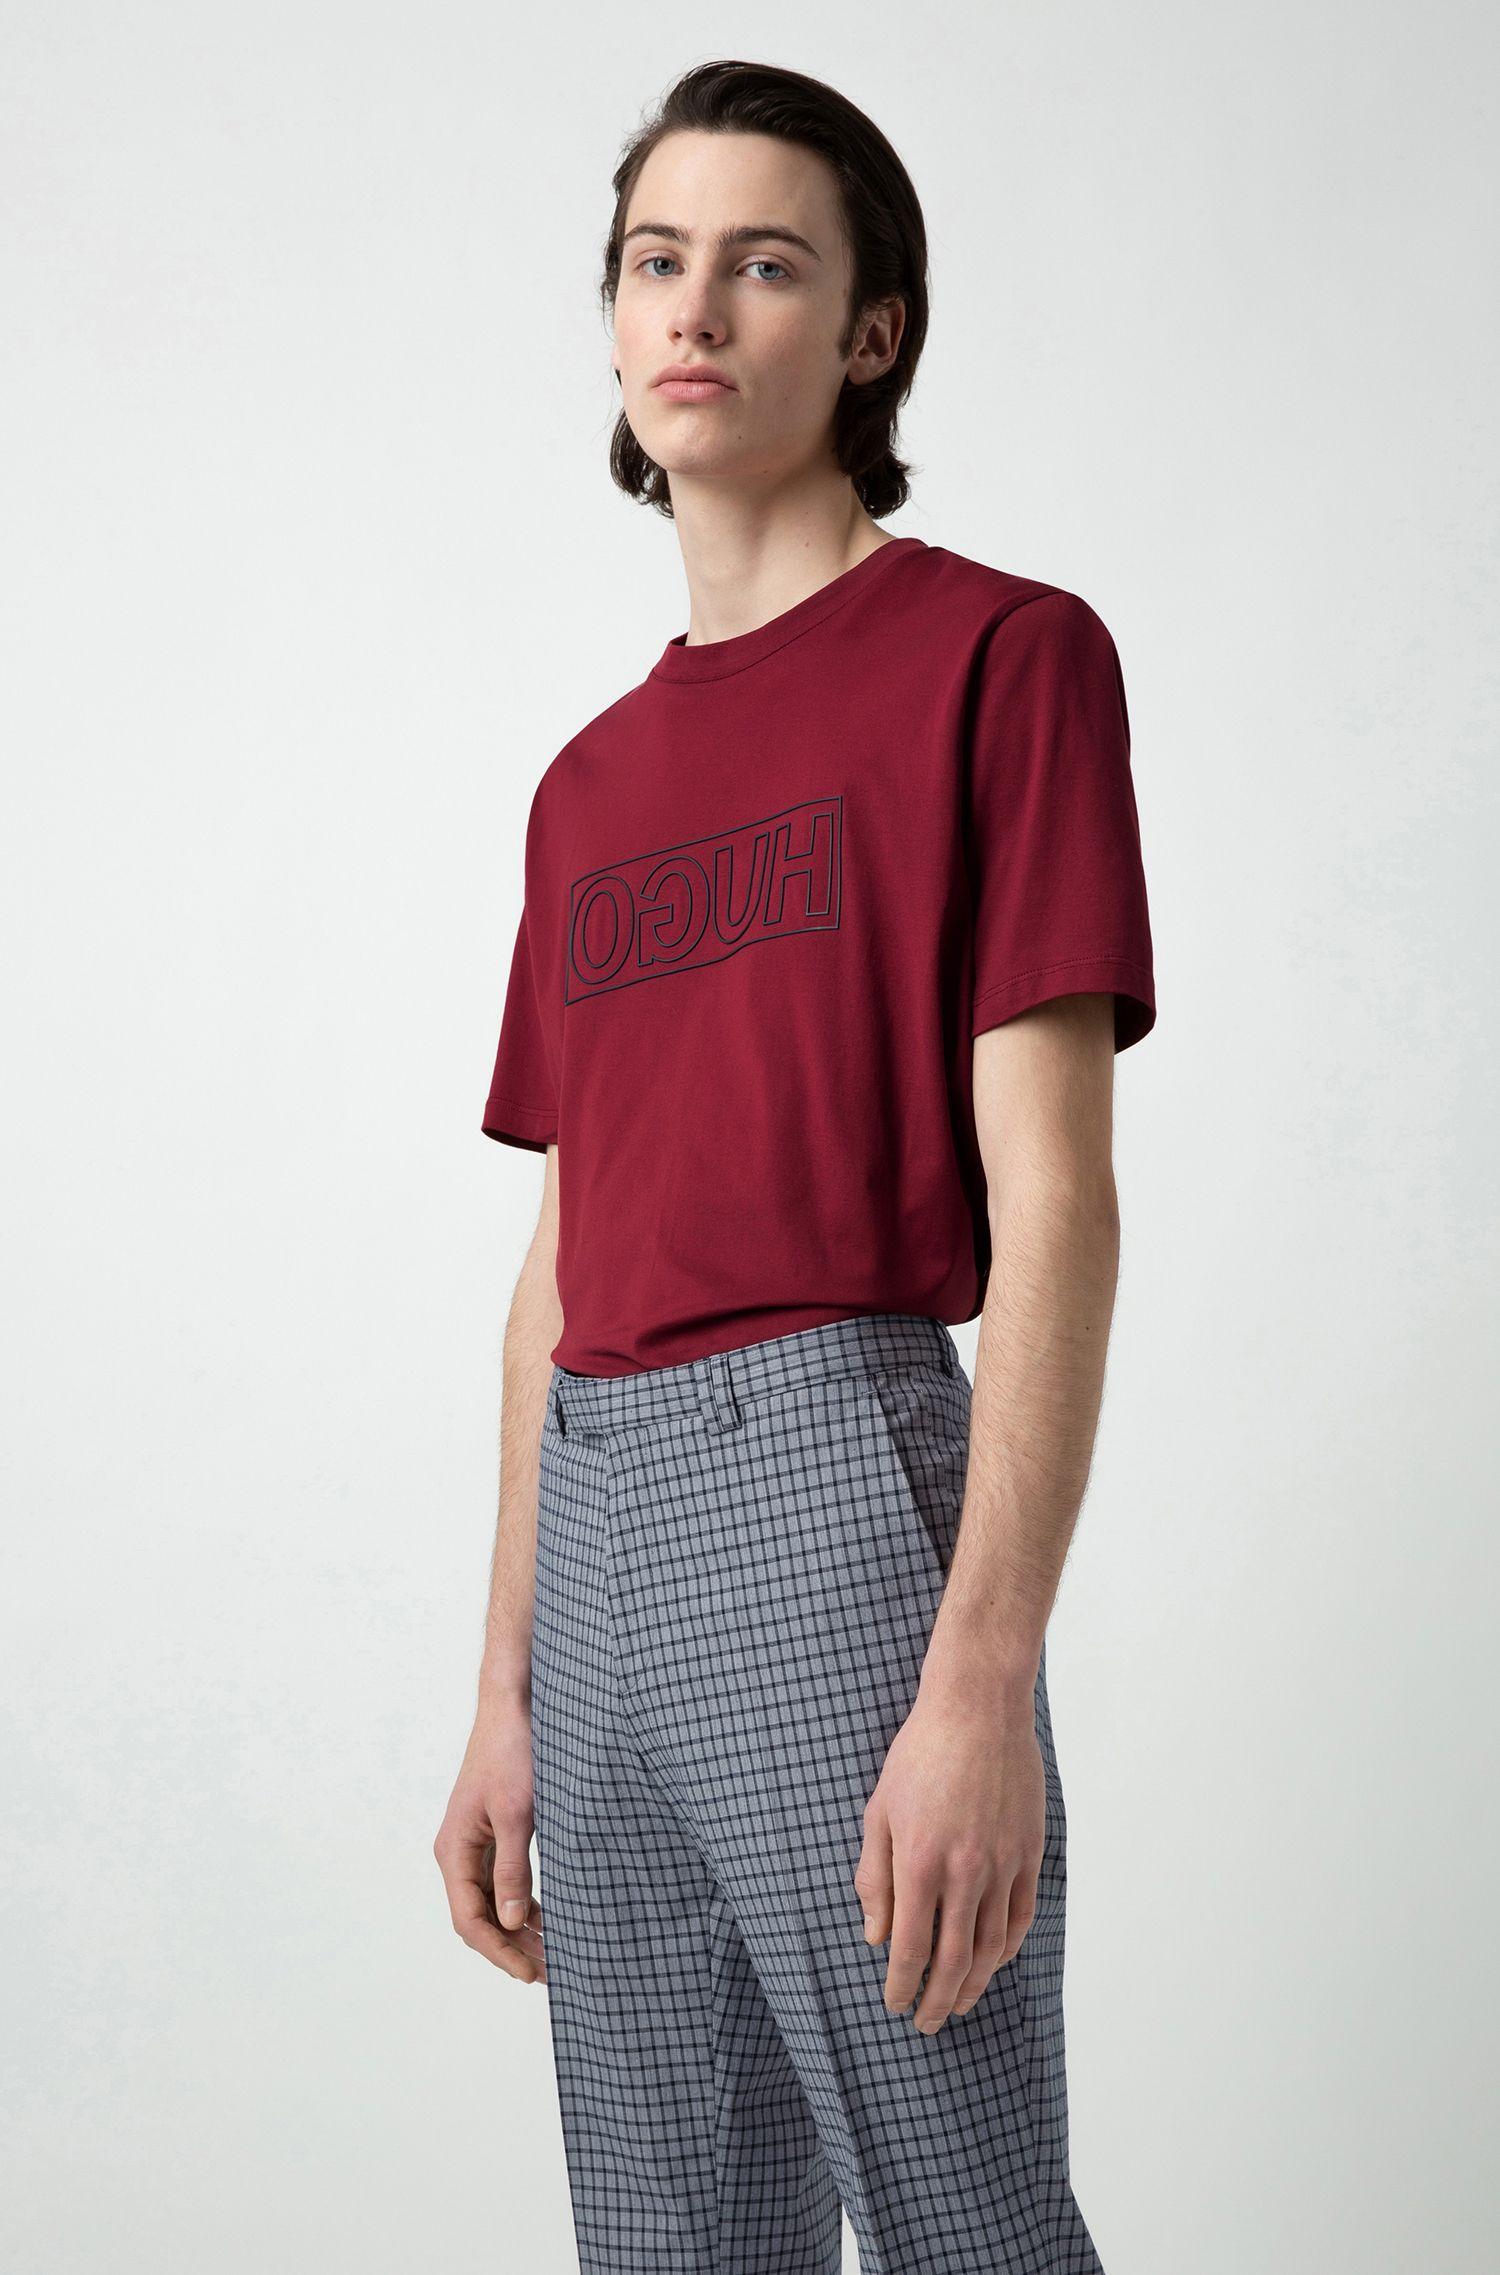 Pantaloni extra slim fit in cotone elasticizzato a quadretti, A disegni